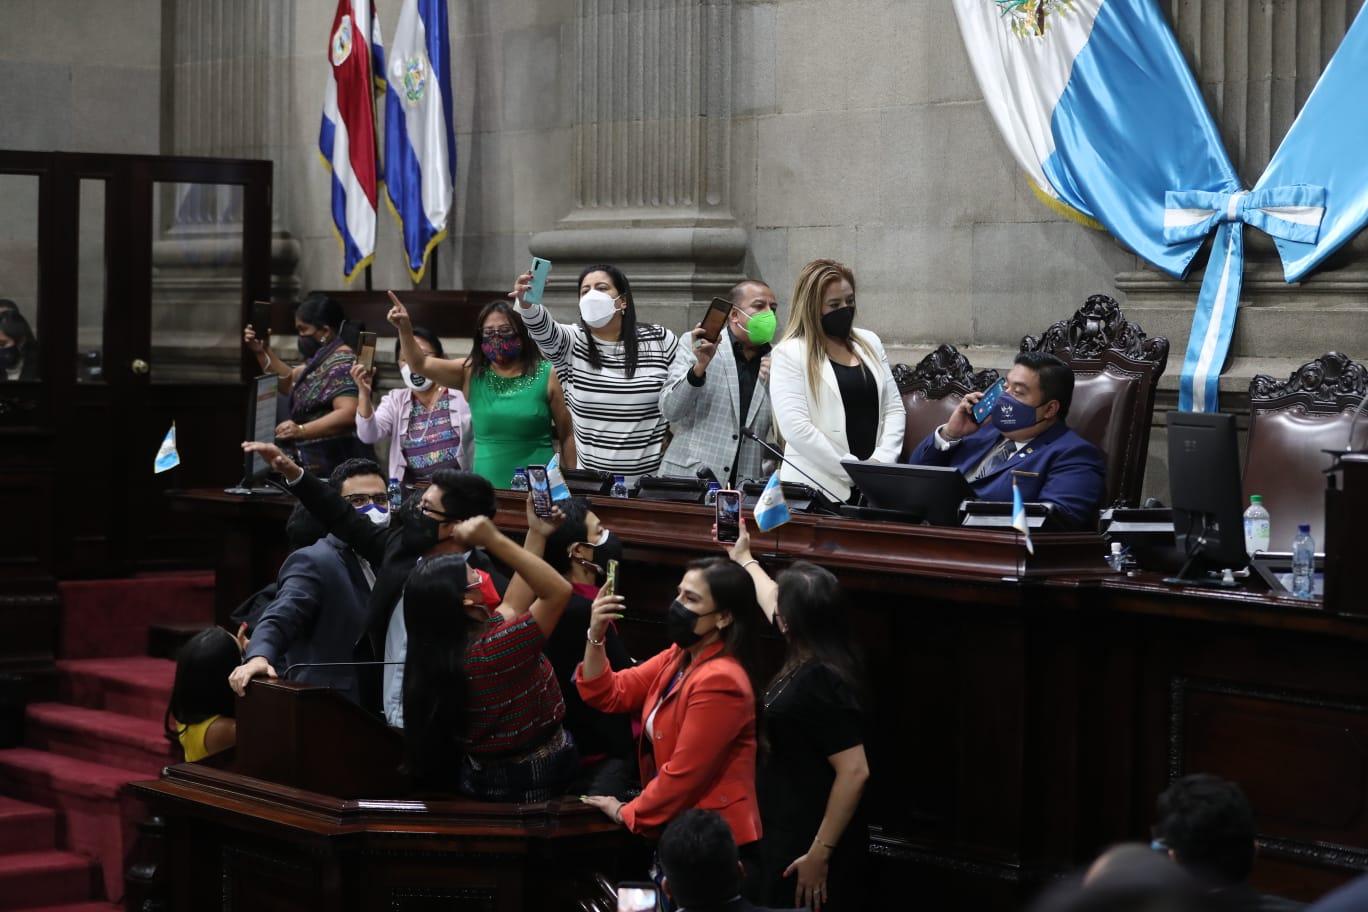 El Congreso tiene un tribunal adecuado para usted, dice Claudia Escobar sobre la elección de Cortes - Prensa Libre